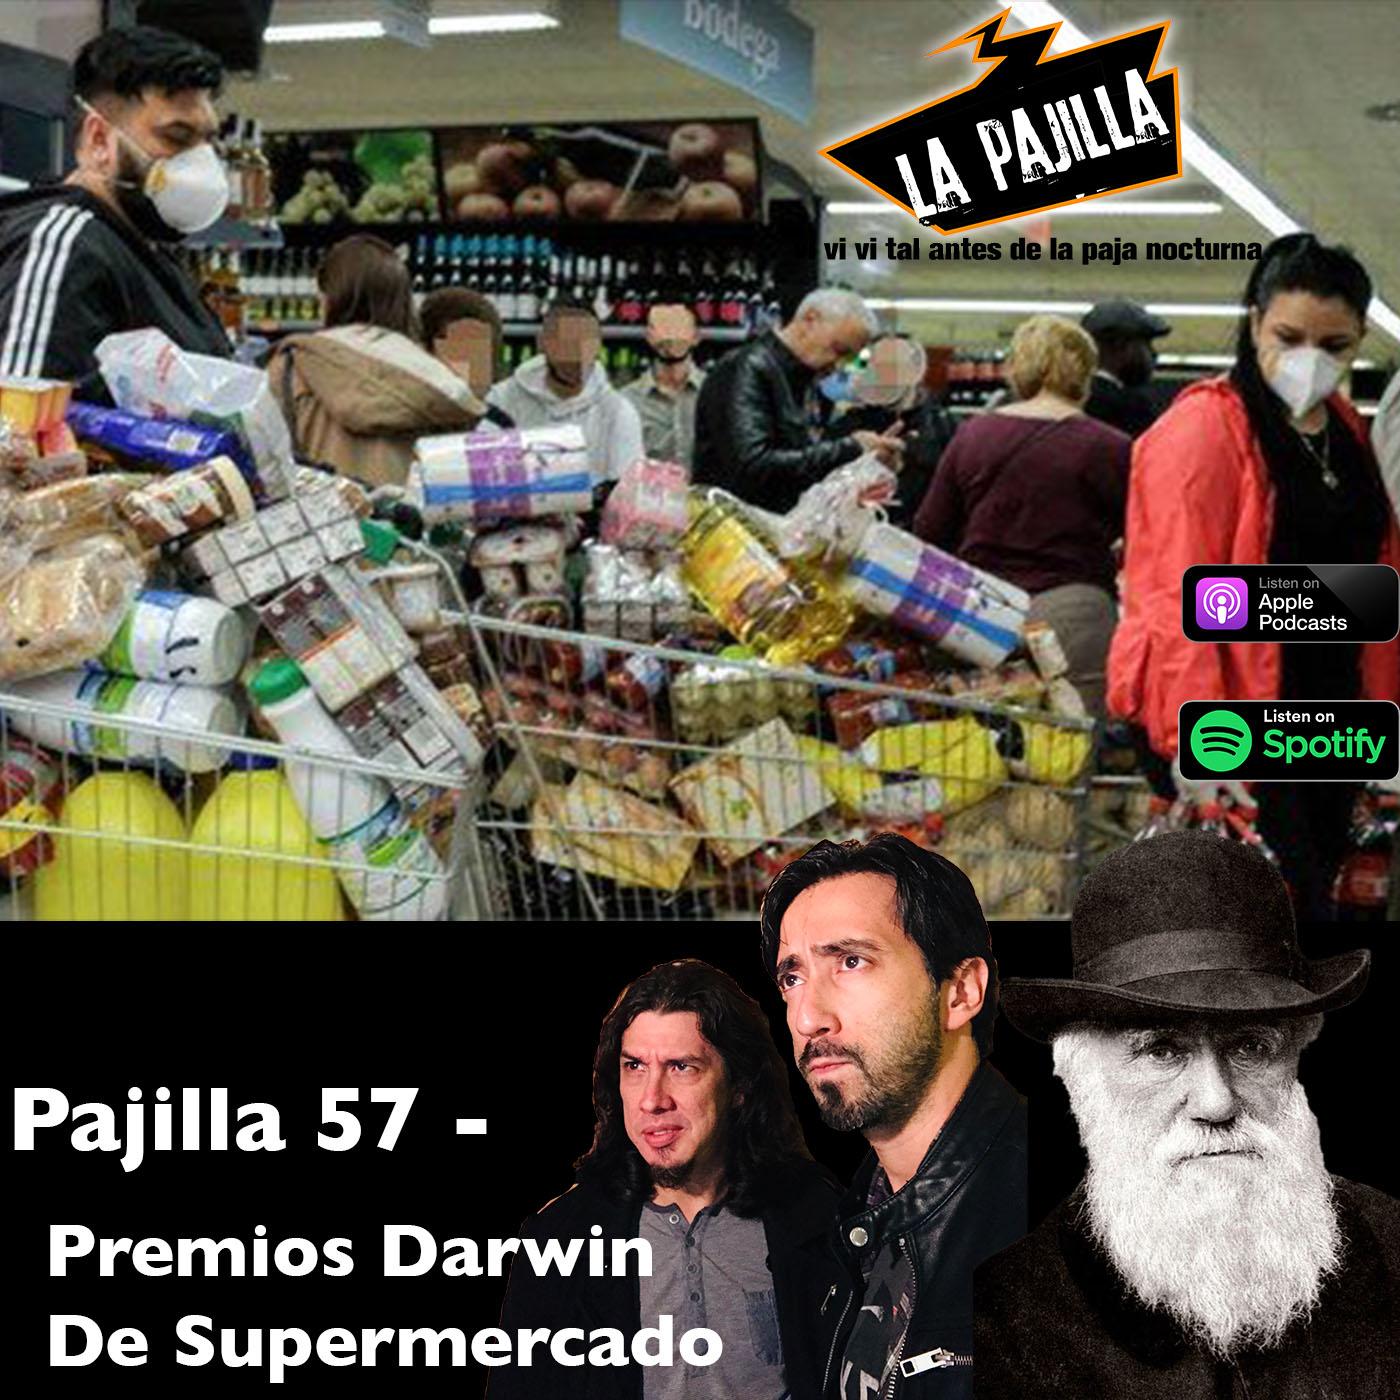 La Paja Nocturna Podcast CR Pajilla 57